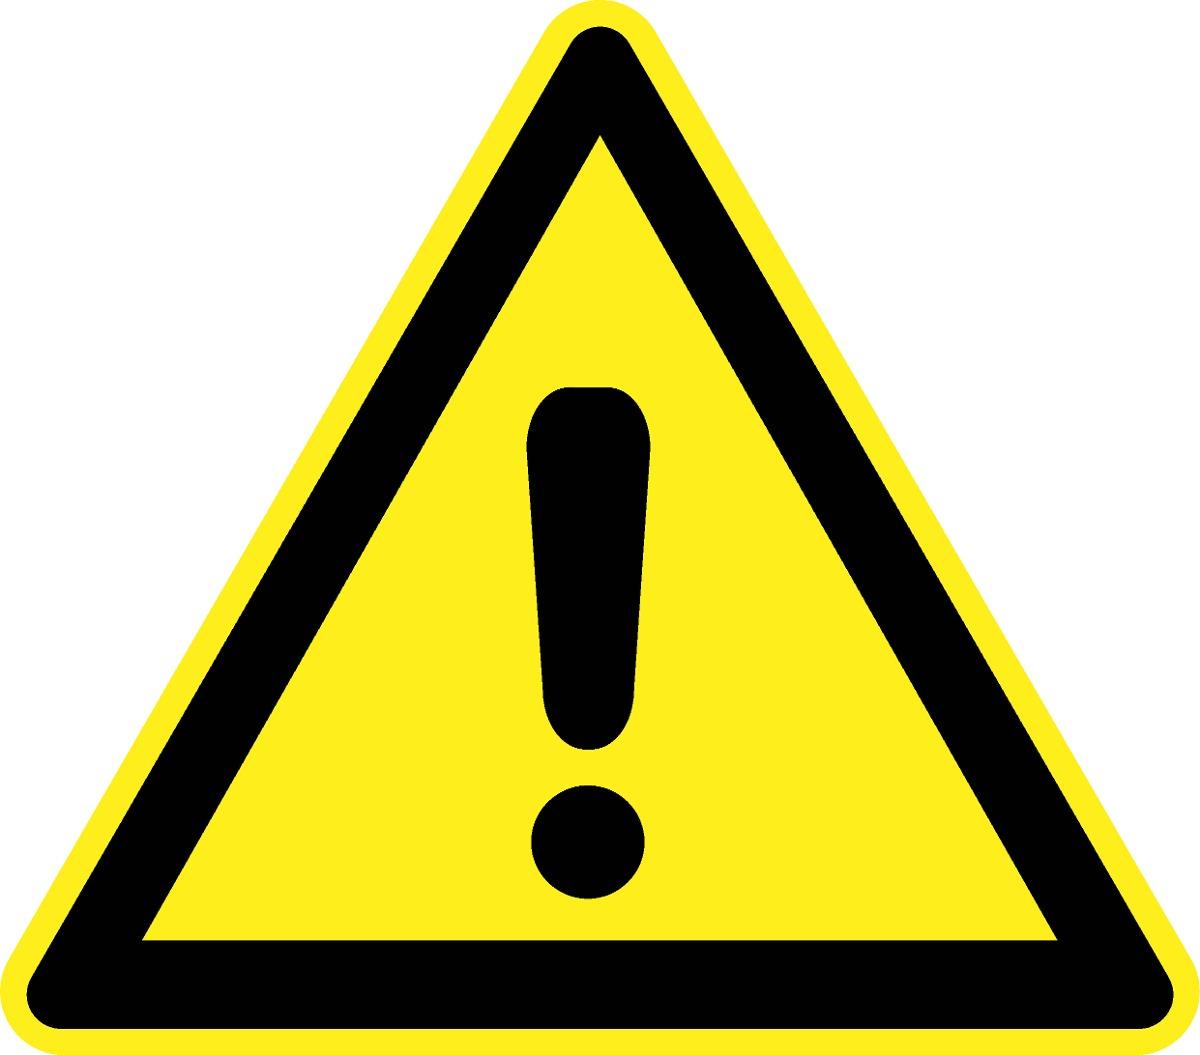 Placa De Sinalização De Alerta De Materiais Perigosos - R$ 11,95 ...